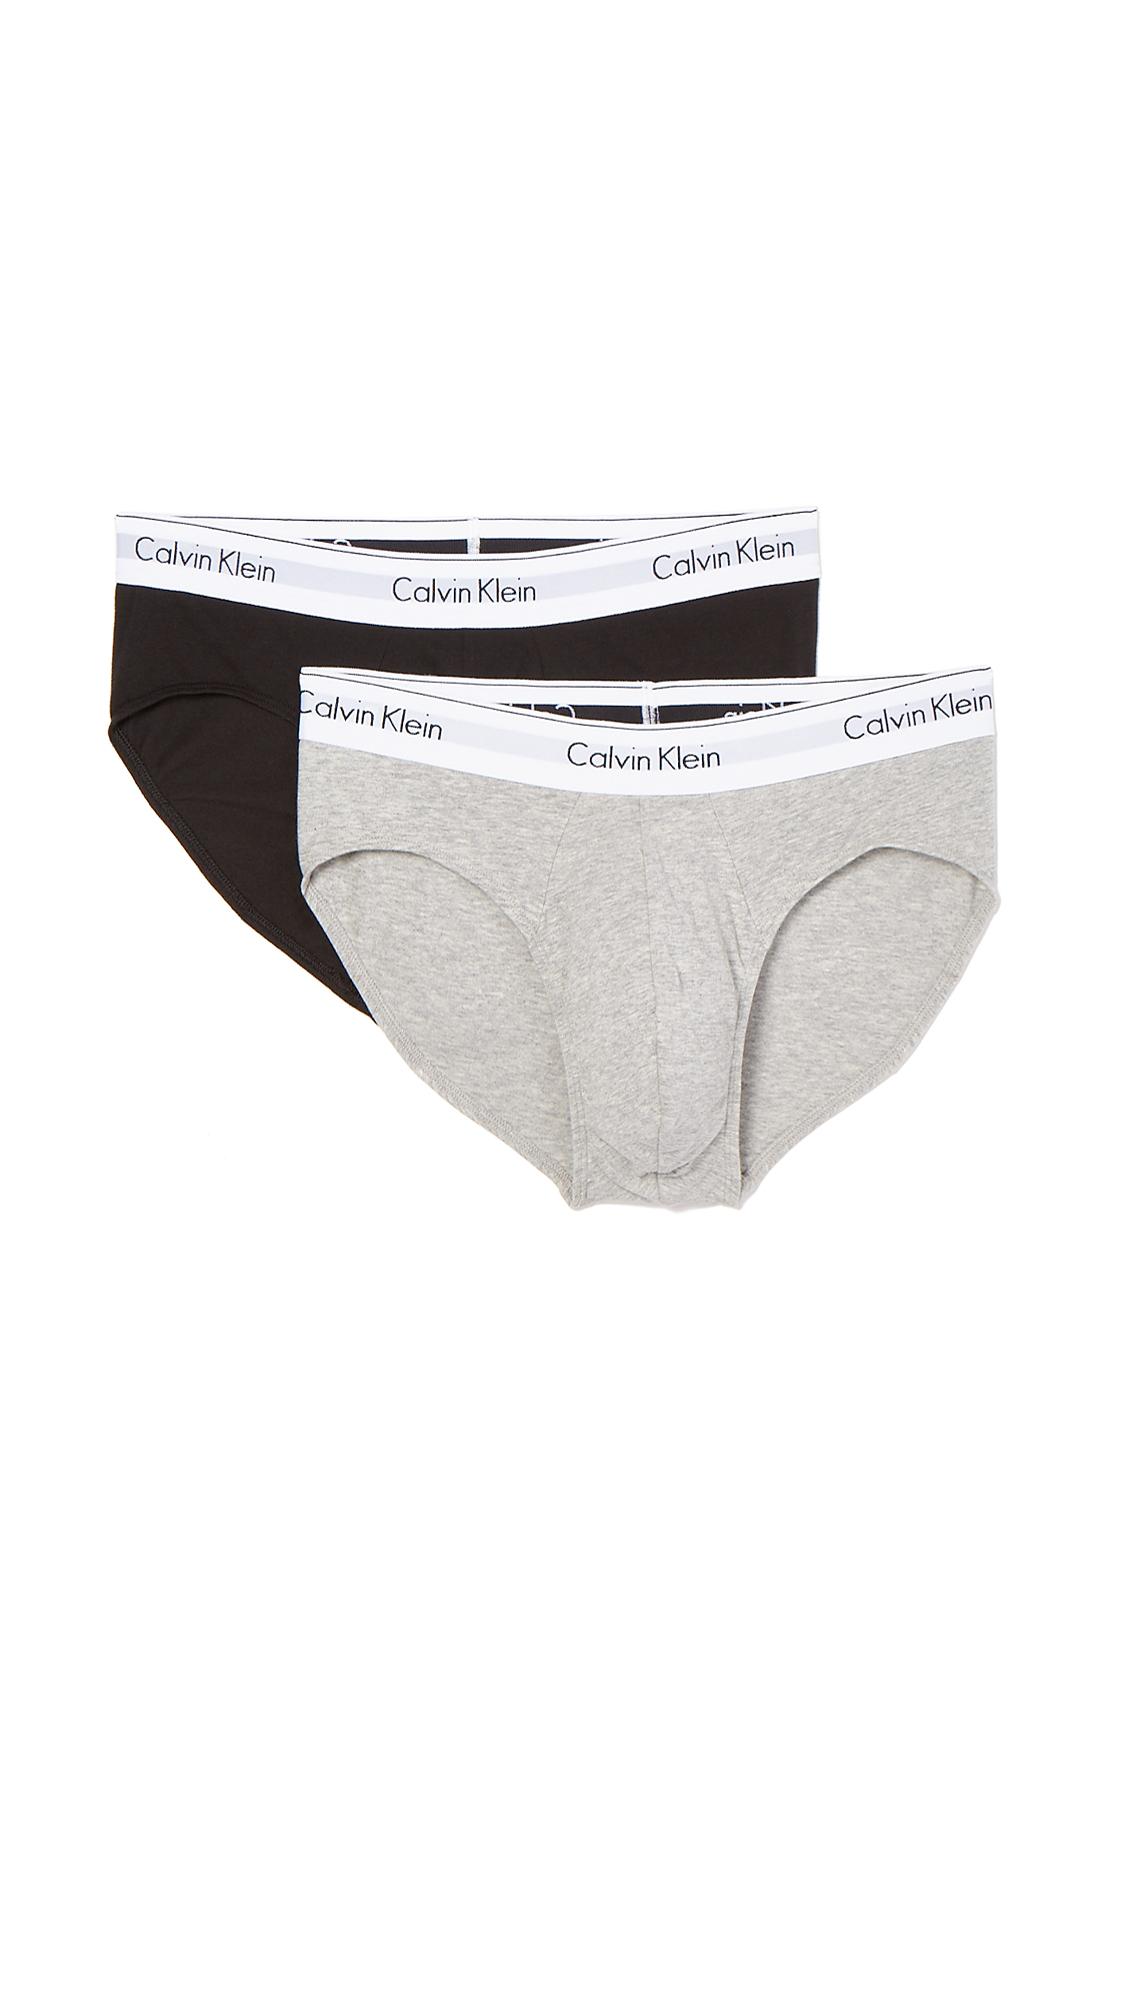 fdc2eaee3422 Calvin Klein Underwear CK 2 Pack Modern Cotton Stretch Hip Briefs ...